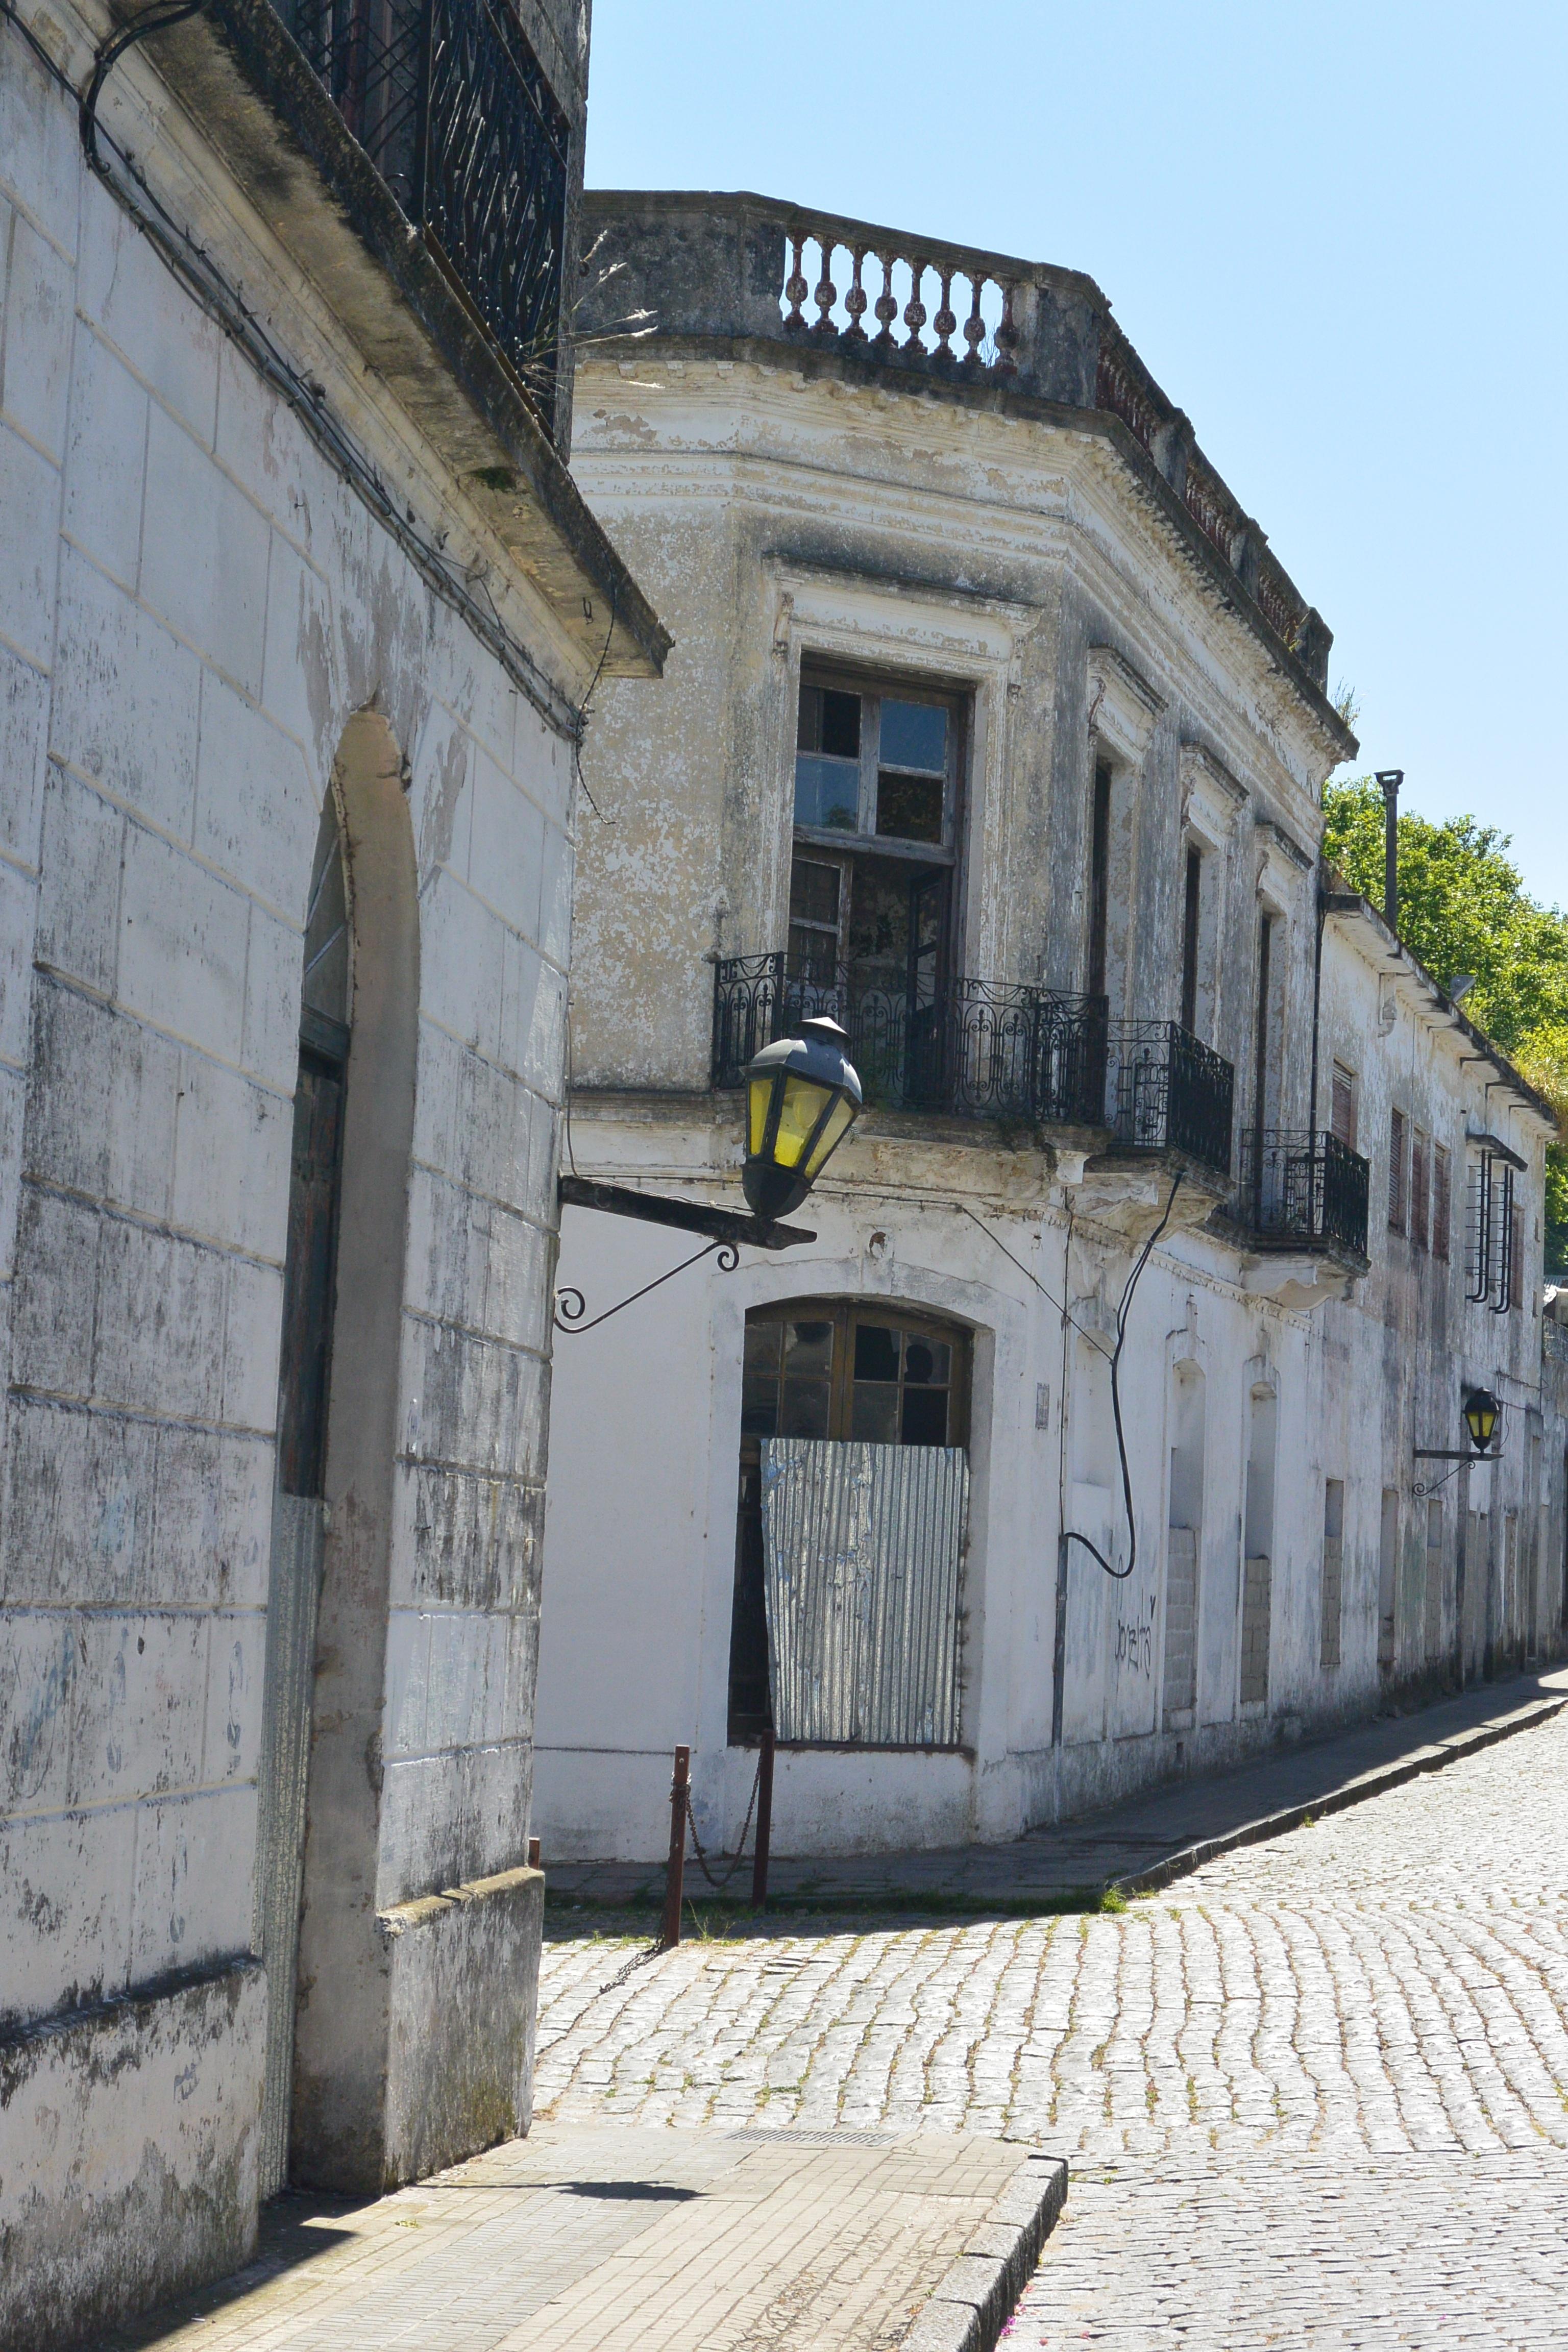 fotos gratis camino ligero la carretera calle ventana pueblo callejn pared piedra linterna pacfico paz antiguo fachada